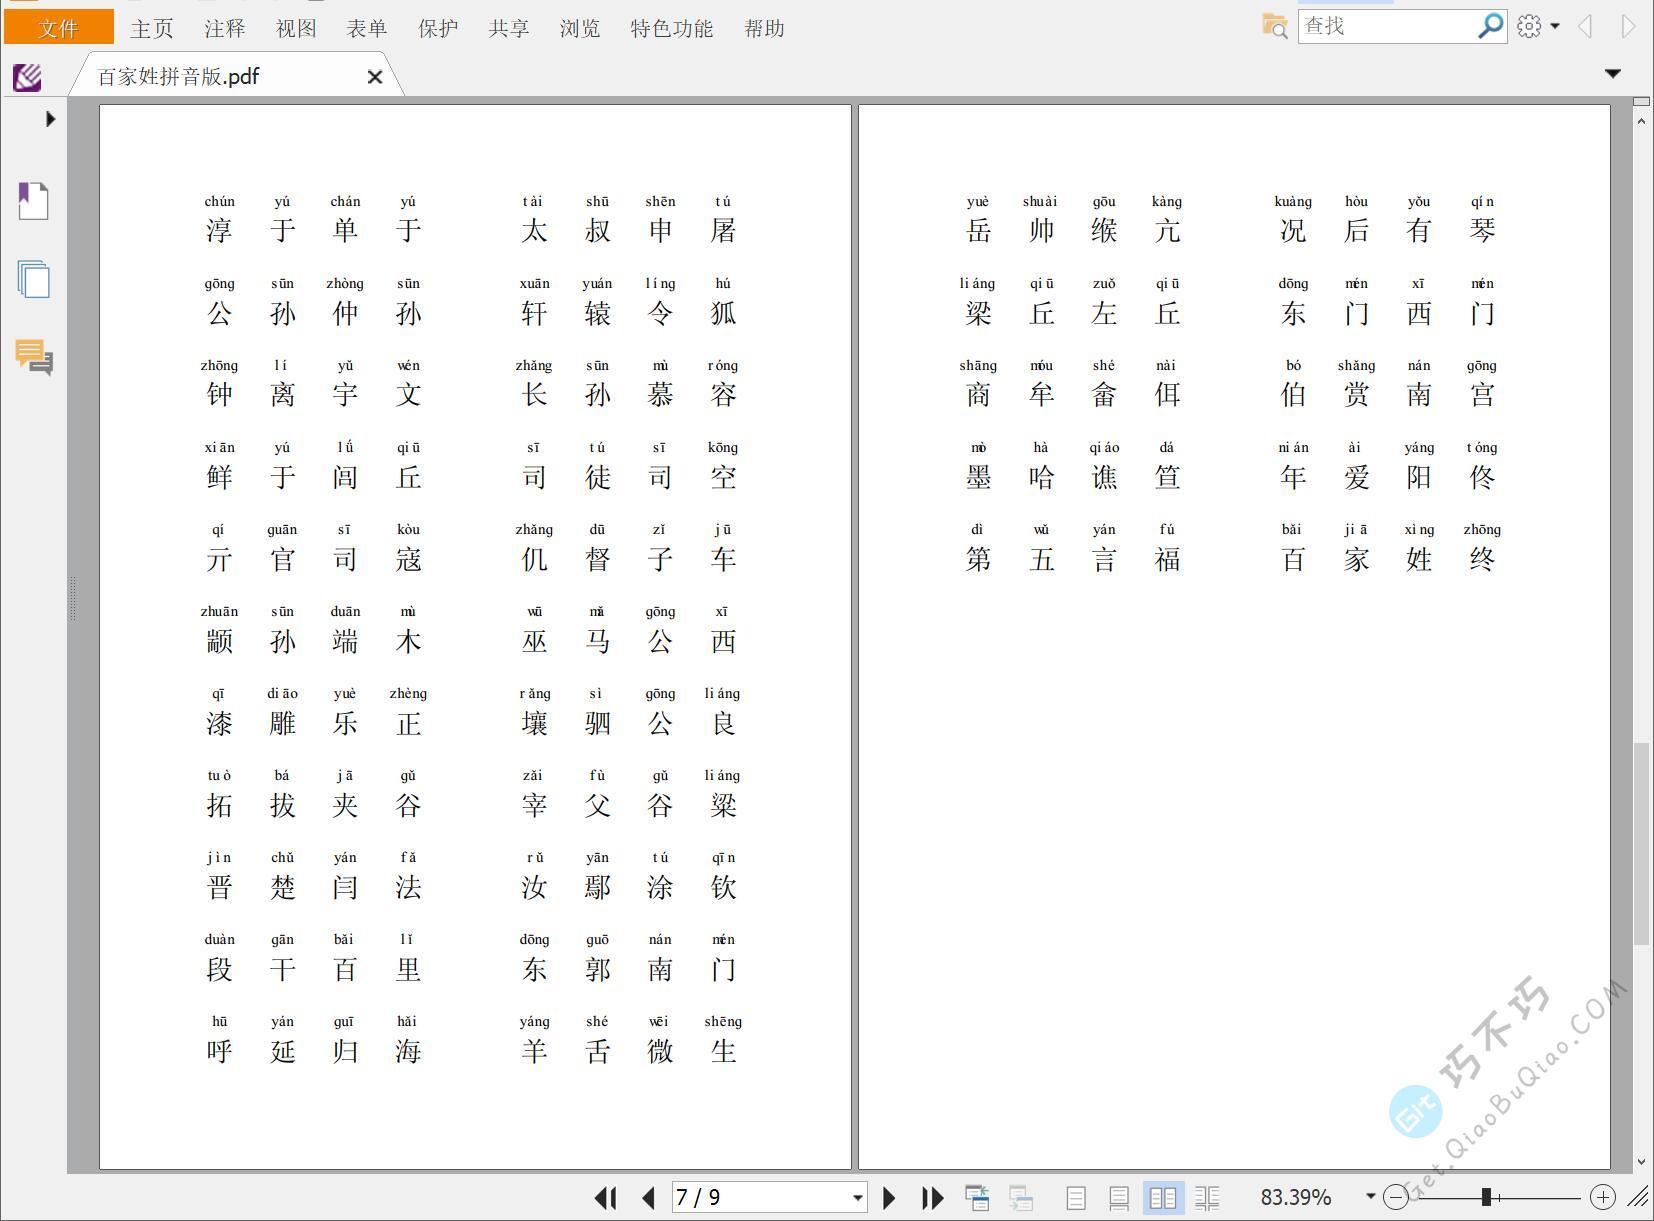 儿童启蒙《百家姓》带拼音版PDF精排,了解中华姓氏和汉字文化,支持A4纸打印